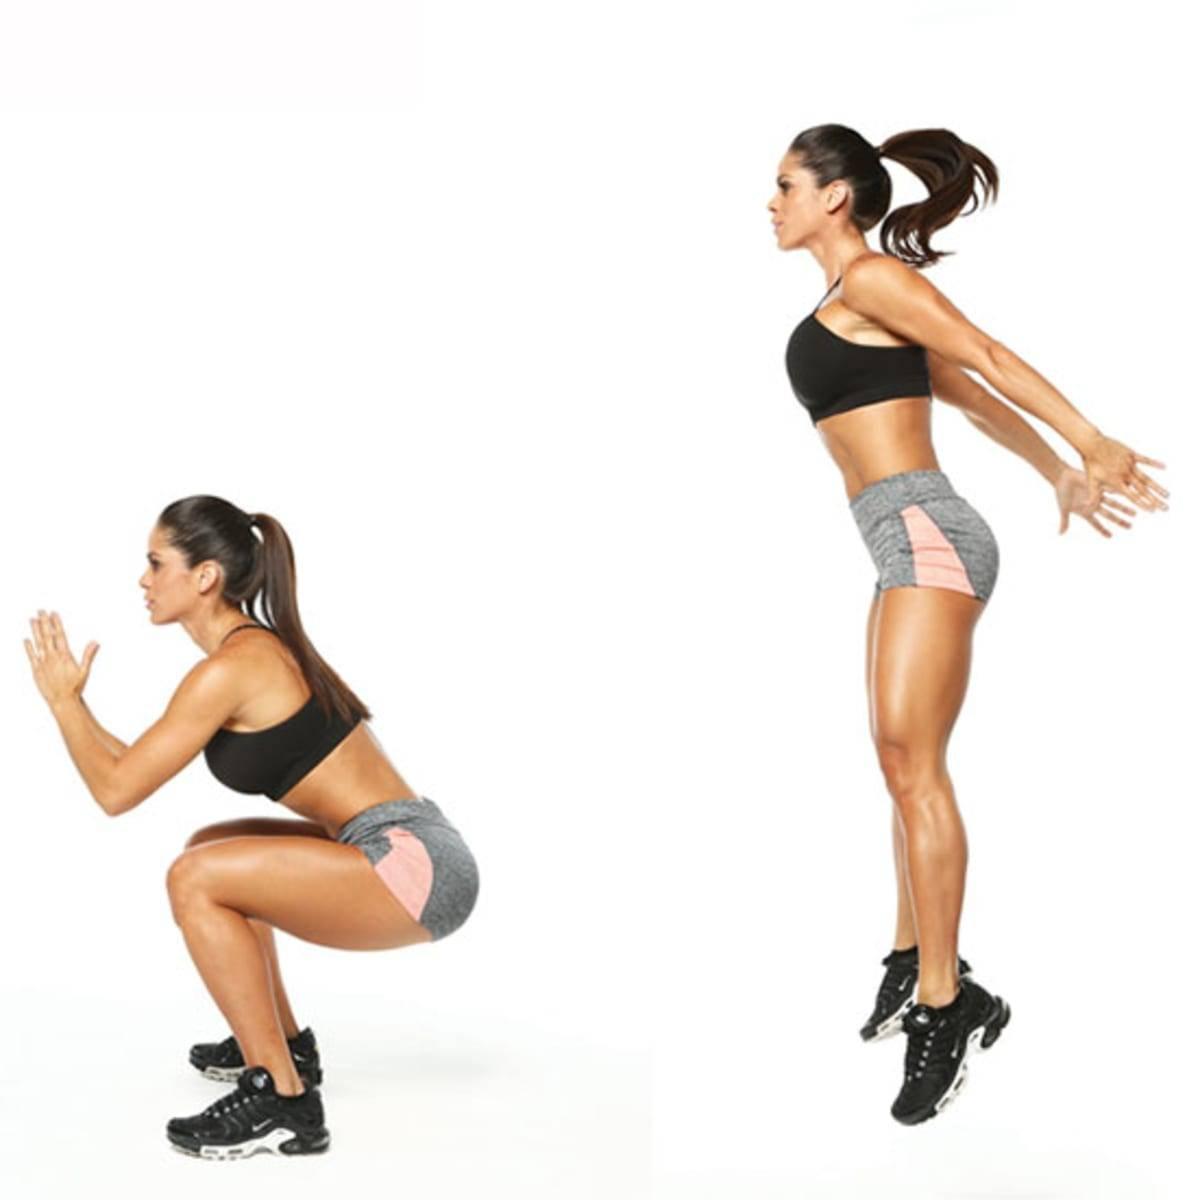 Топ-6 лучших упражнений с гантелями на ноги и правильная техника их выполнения